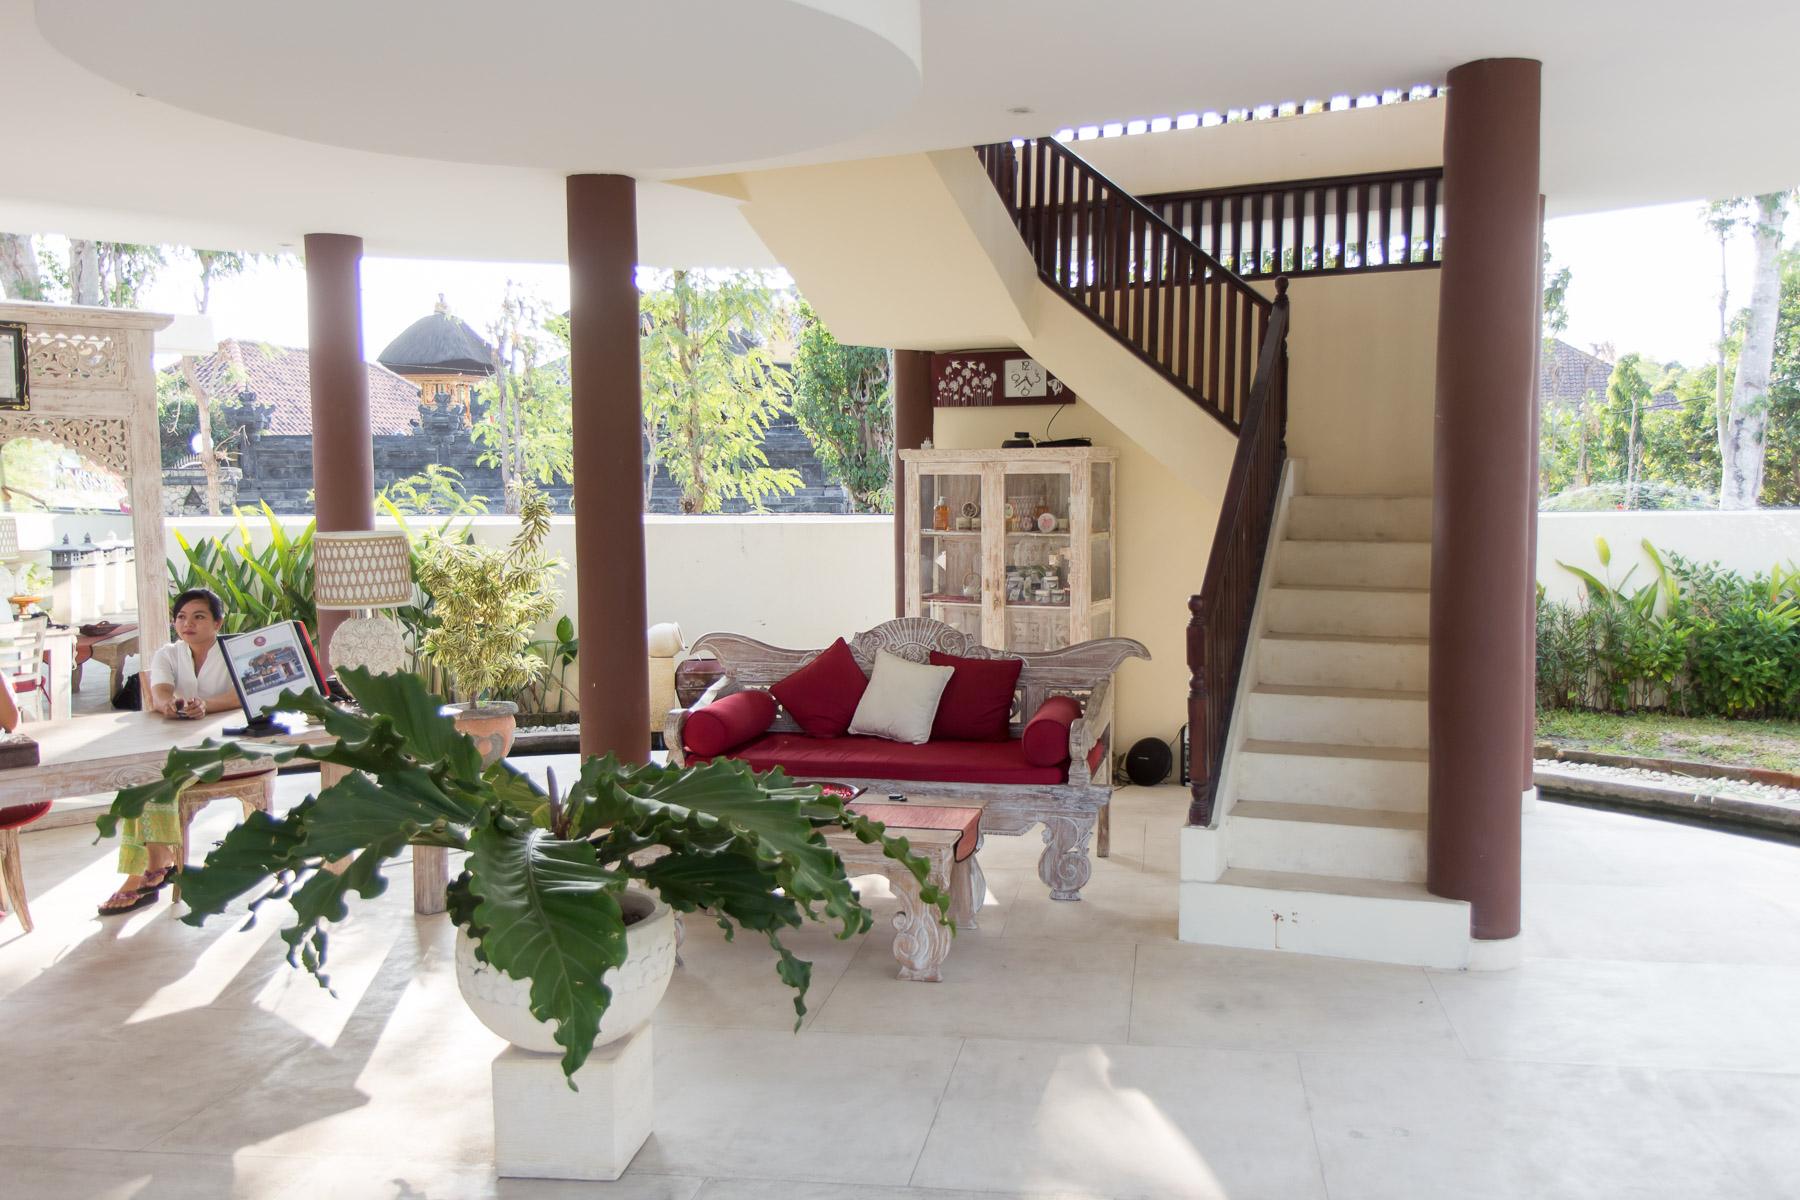 Bali2015-15-012